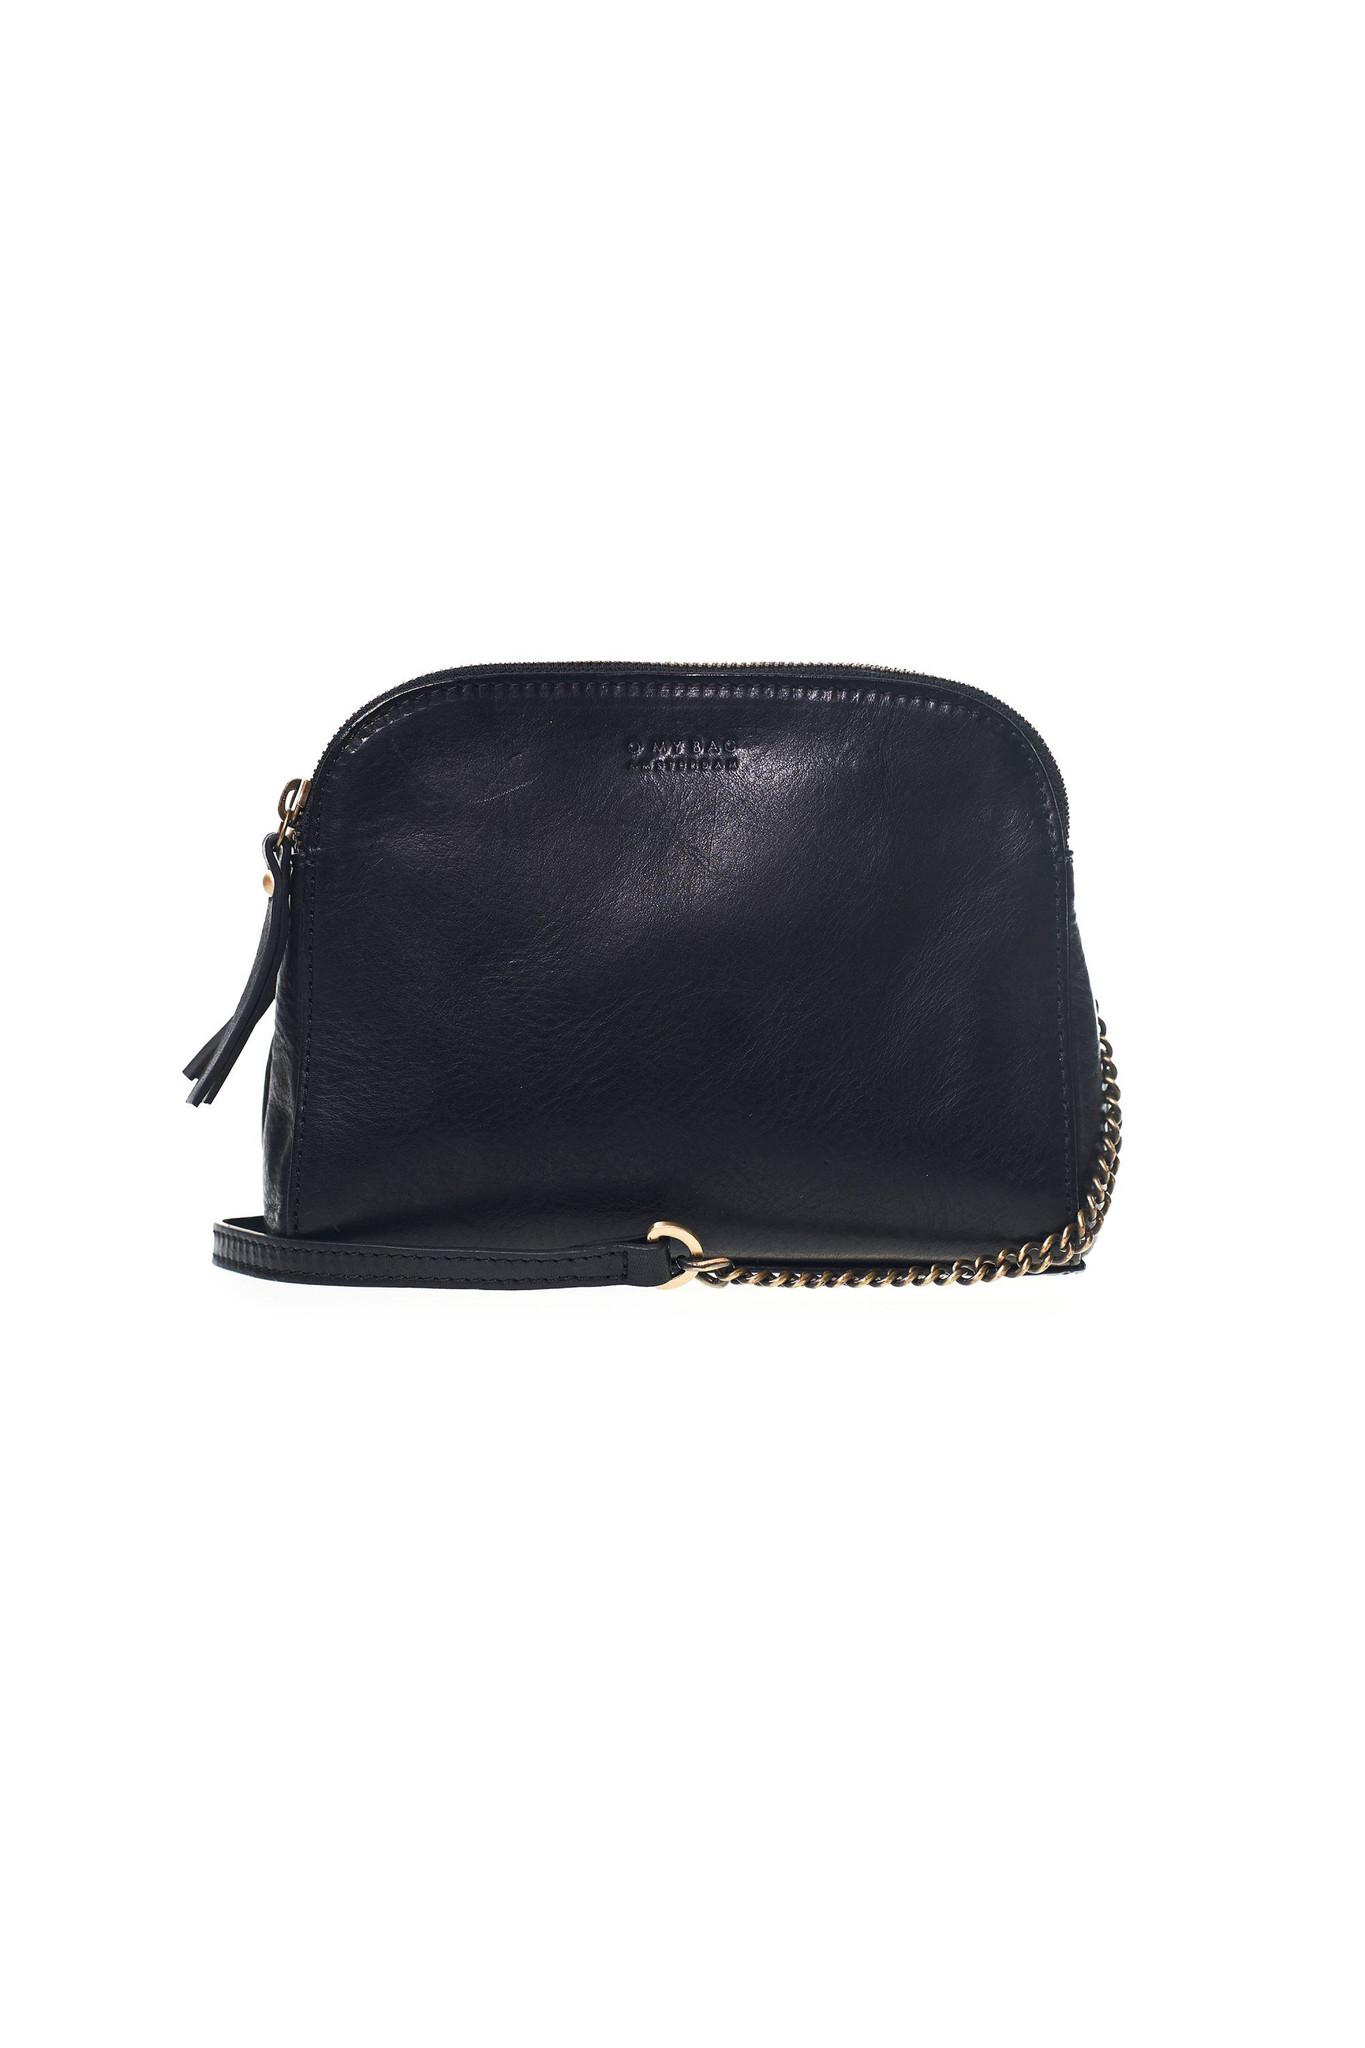 Emily Bag - Black Eco Stromboli Leather-1